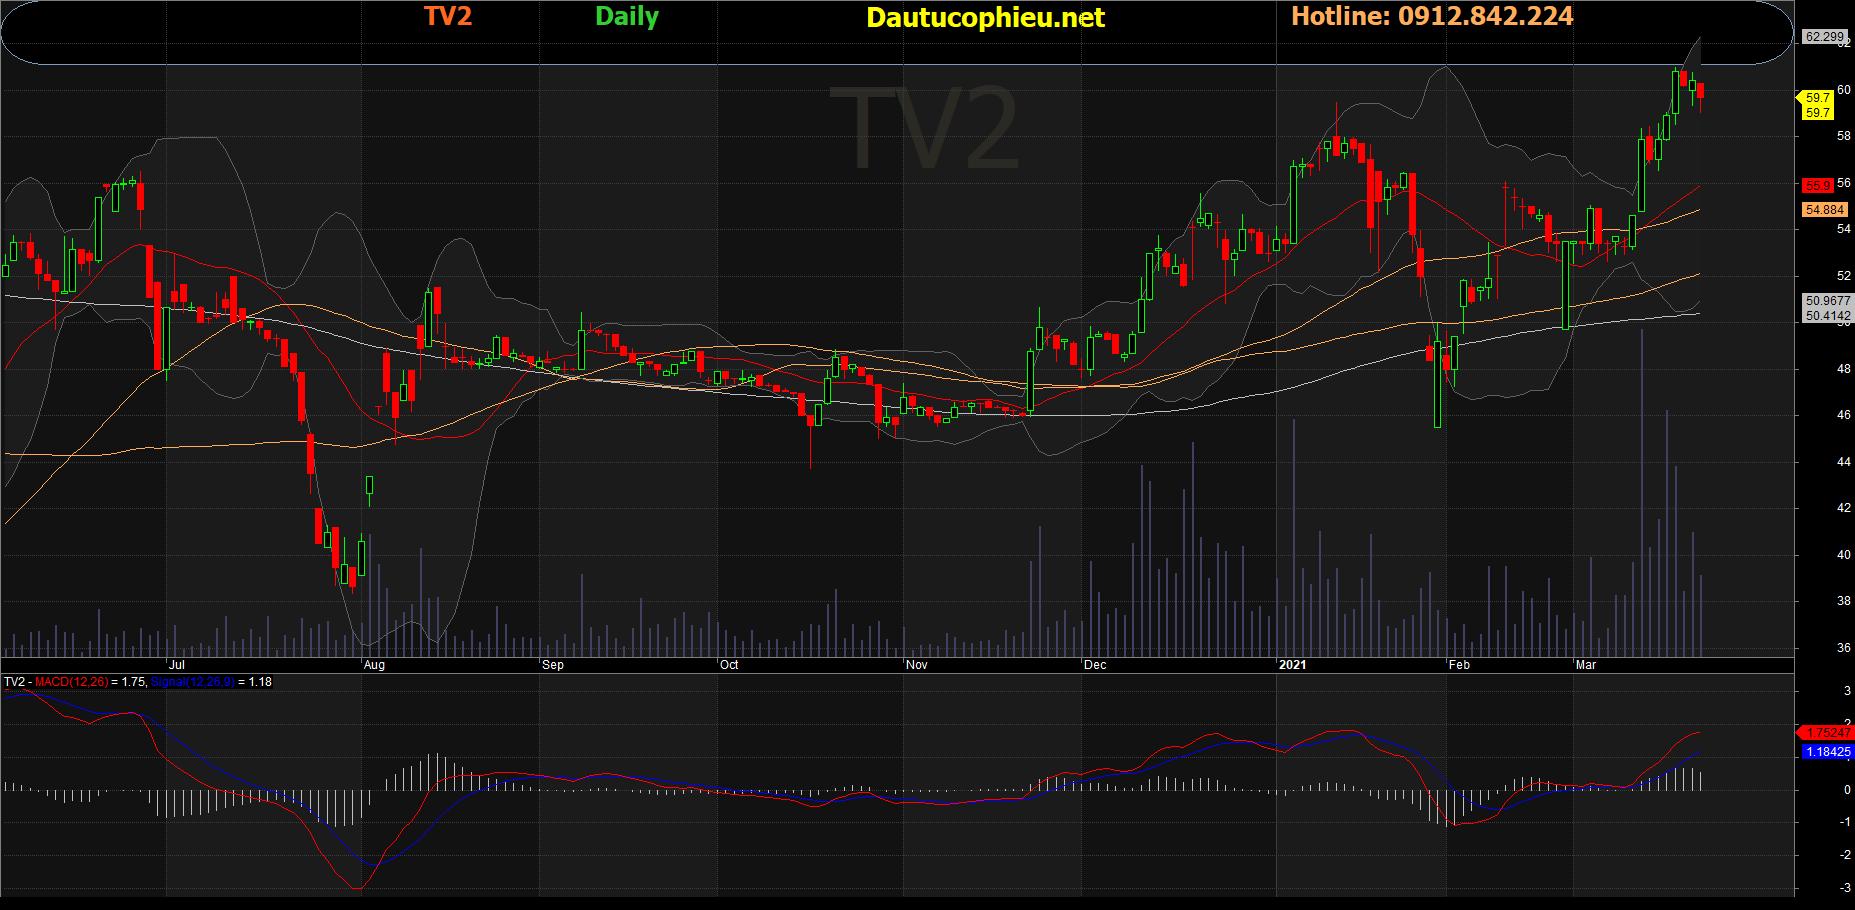 Cổ phiếu TV2